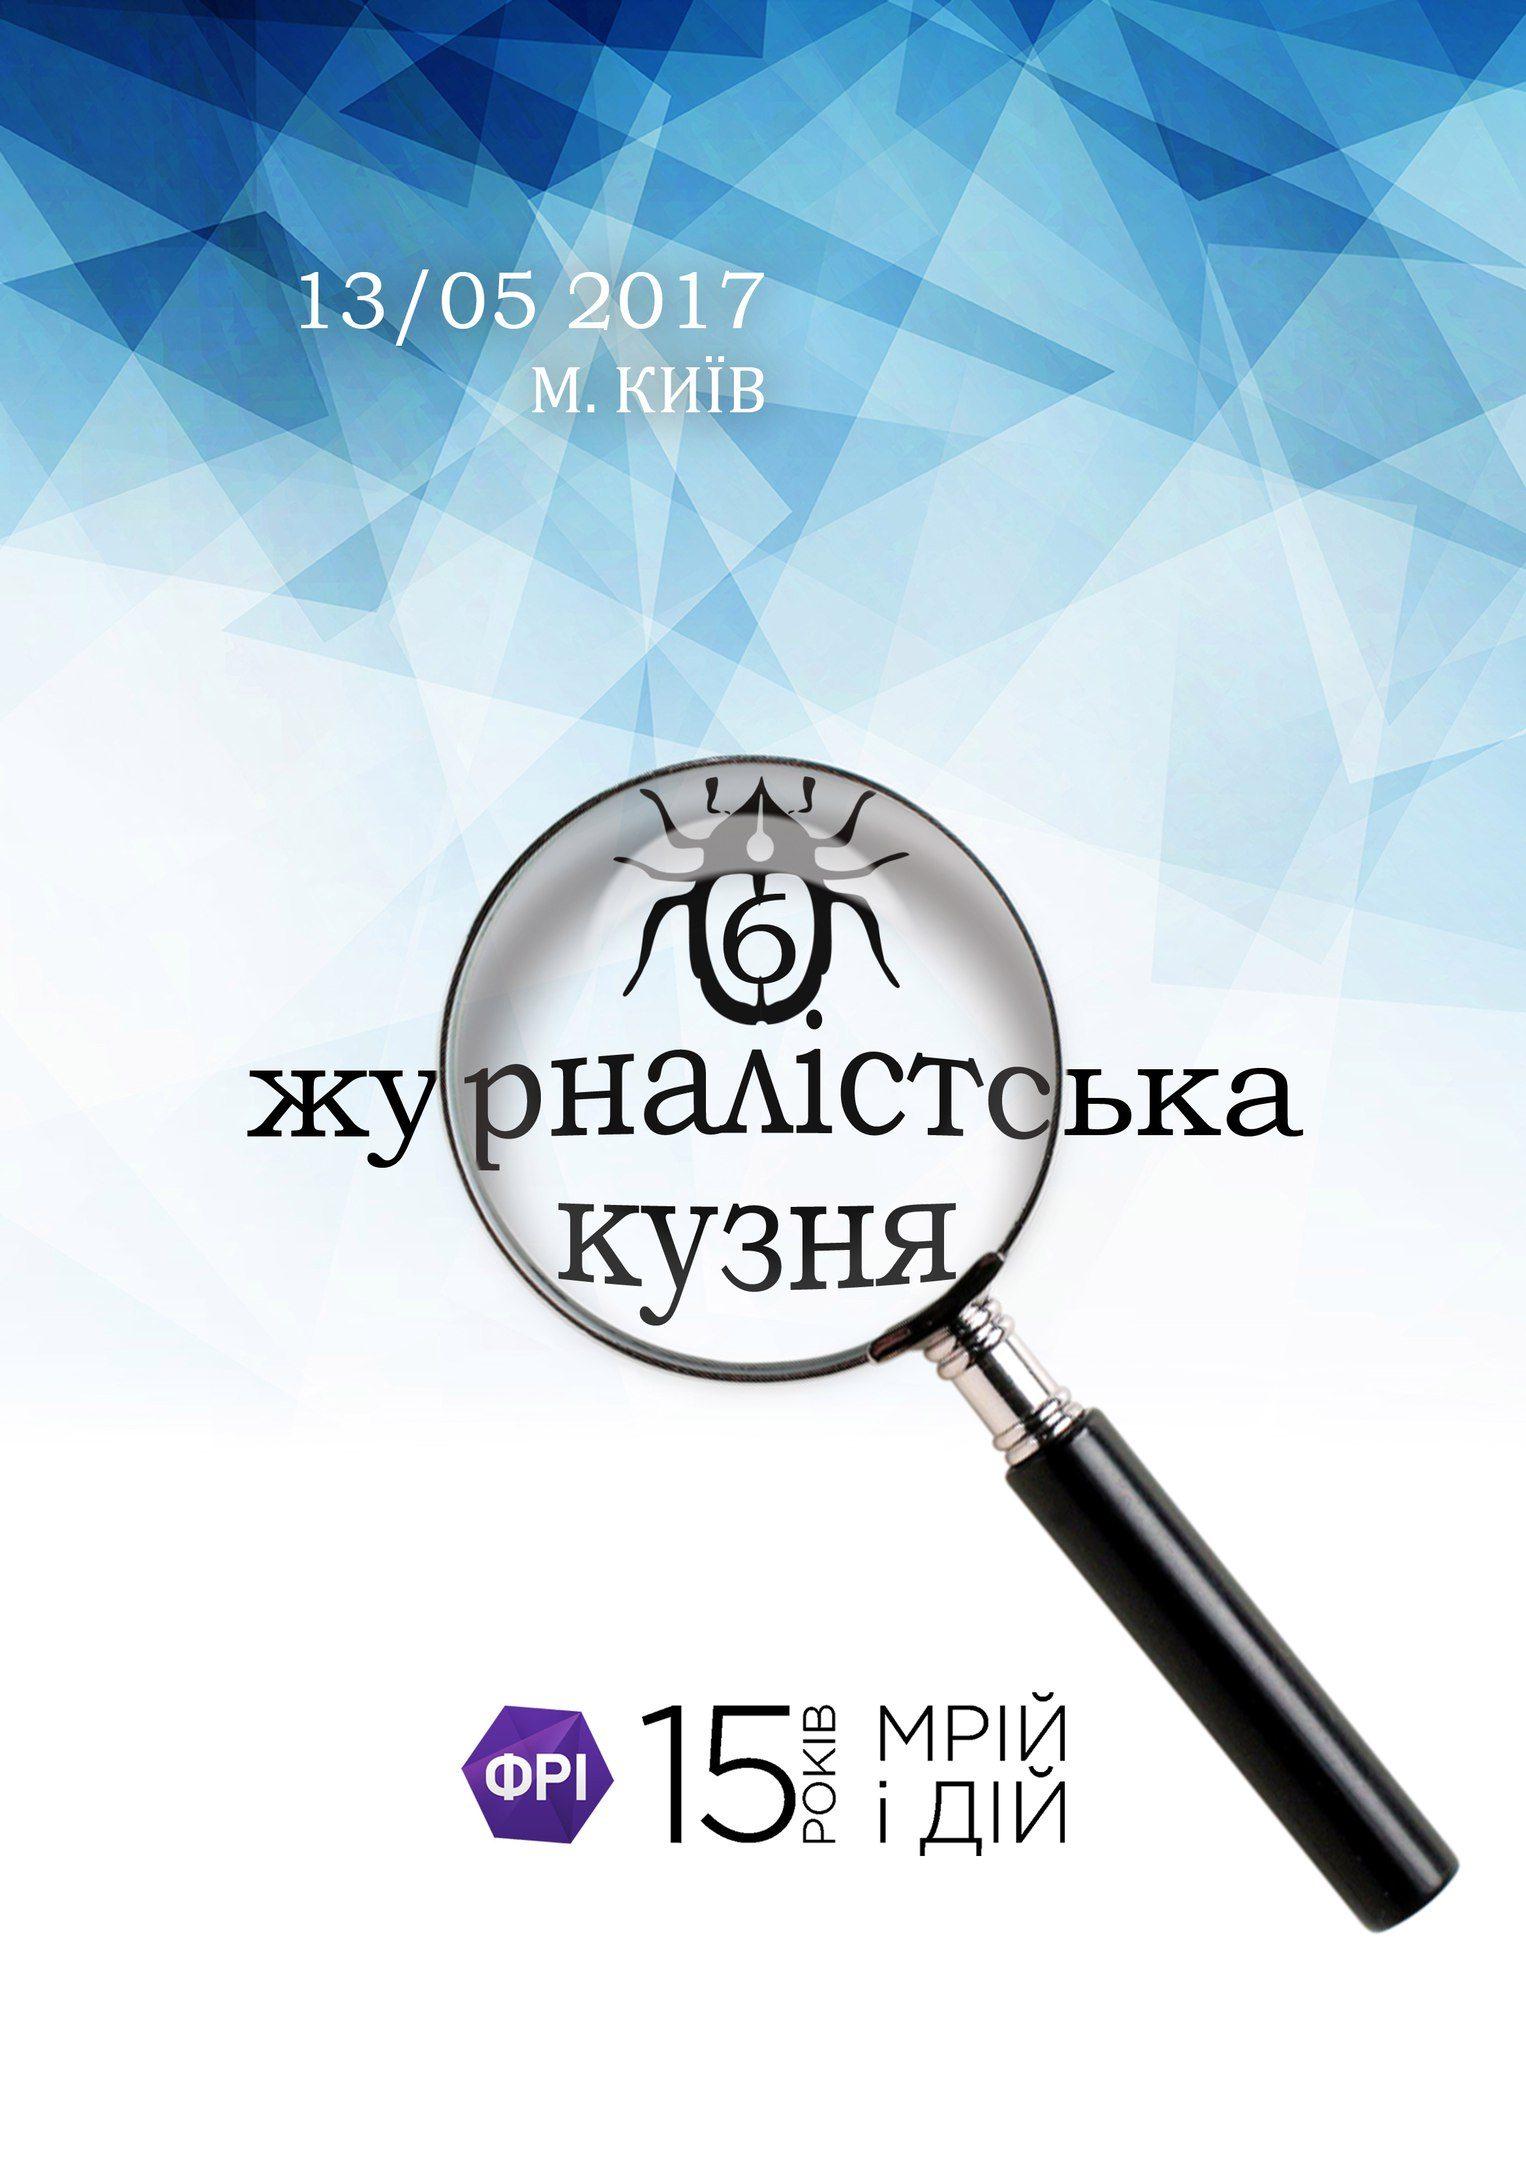 """Відкрито реєстрацію на Журналістську Кузню """"ЖуК"""" 6.0!"""